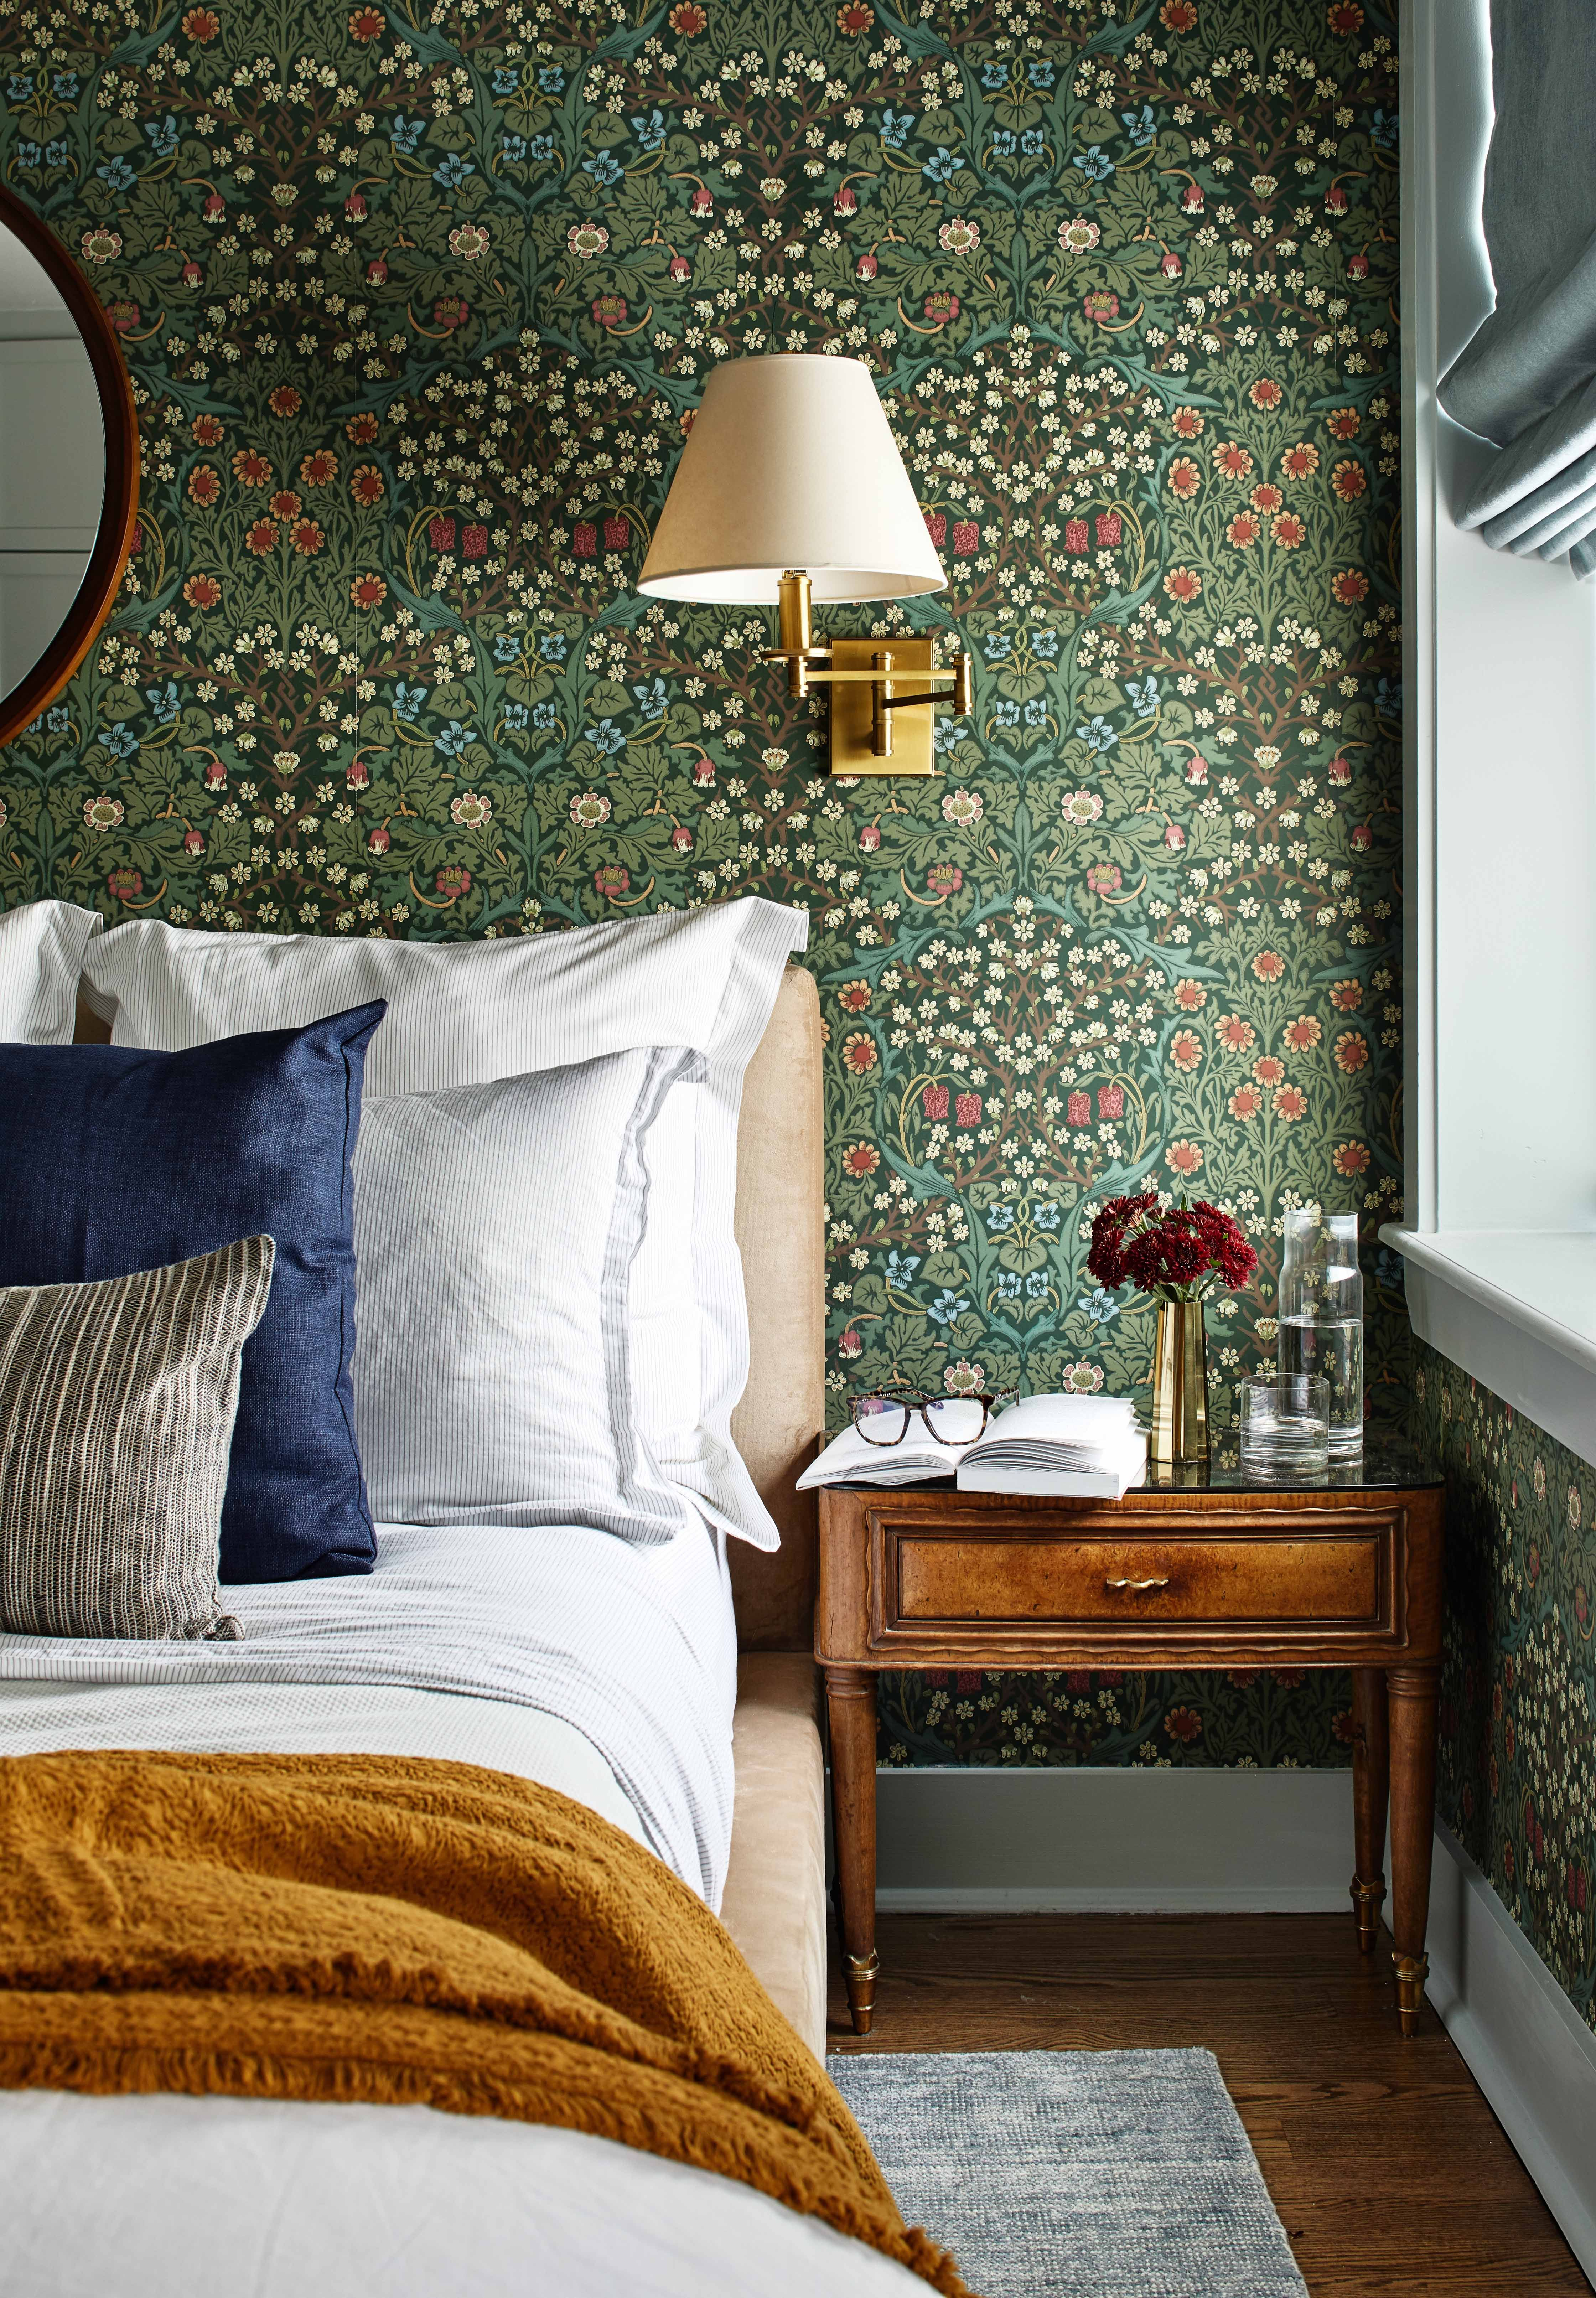 11 Bedroom Wallpaper Ideas - Statement Wallpapers We Love